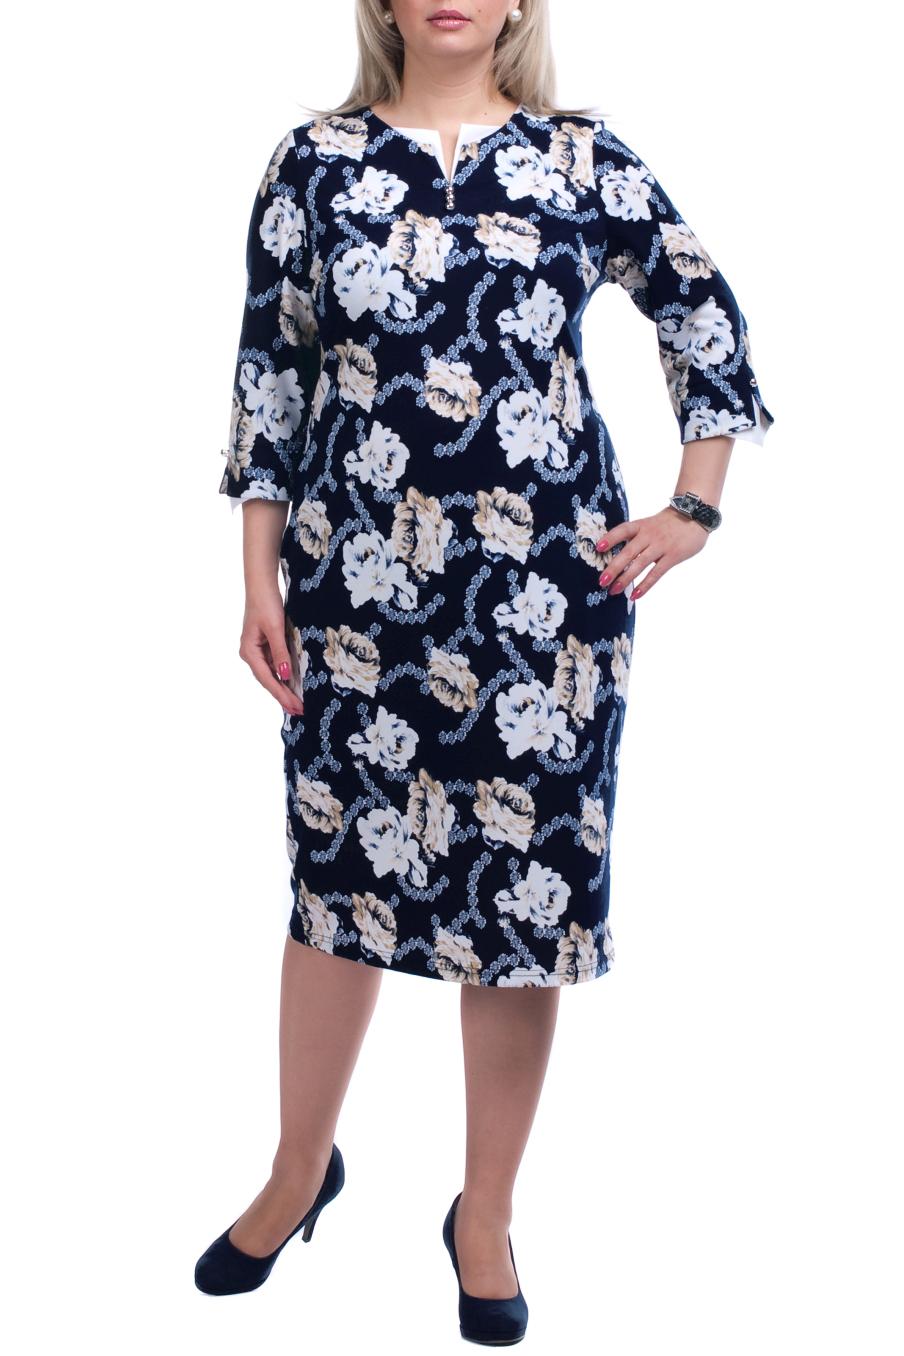 ПлатьеПлатья<br>Красивое платье с интересной горловиной и рукавами 3/4. Модель выполнена из плотного трикотажа. Отличный выбор для повседневного гардероба.  Цвет: синий, белый  Рост девушки-фотомодели 173 см.<br><br>По длине: Ниже колена<br>По материалу: Вискоза,Трикотаж<br>По образу: Город,Свидание<br>По рисунку: Растительные мотивы,Цветные,Цветочные<br>По силуэту: Полуприталенные<br>По стилю: Повседневный стиль<br>По форме: Платье - футляр<br>По элементам: С декором<br>Рукав: Рукав три четверти<br>По сезону: Осень,Весна<br>Размер : 54,66,68,70<br>Материал: Трикотаж<br>Количество в наличии: 6